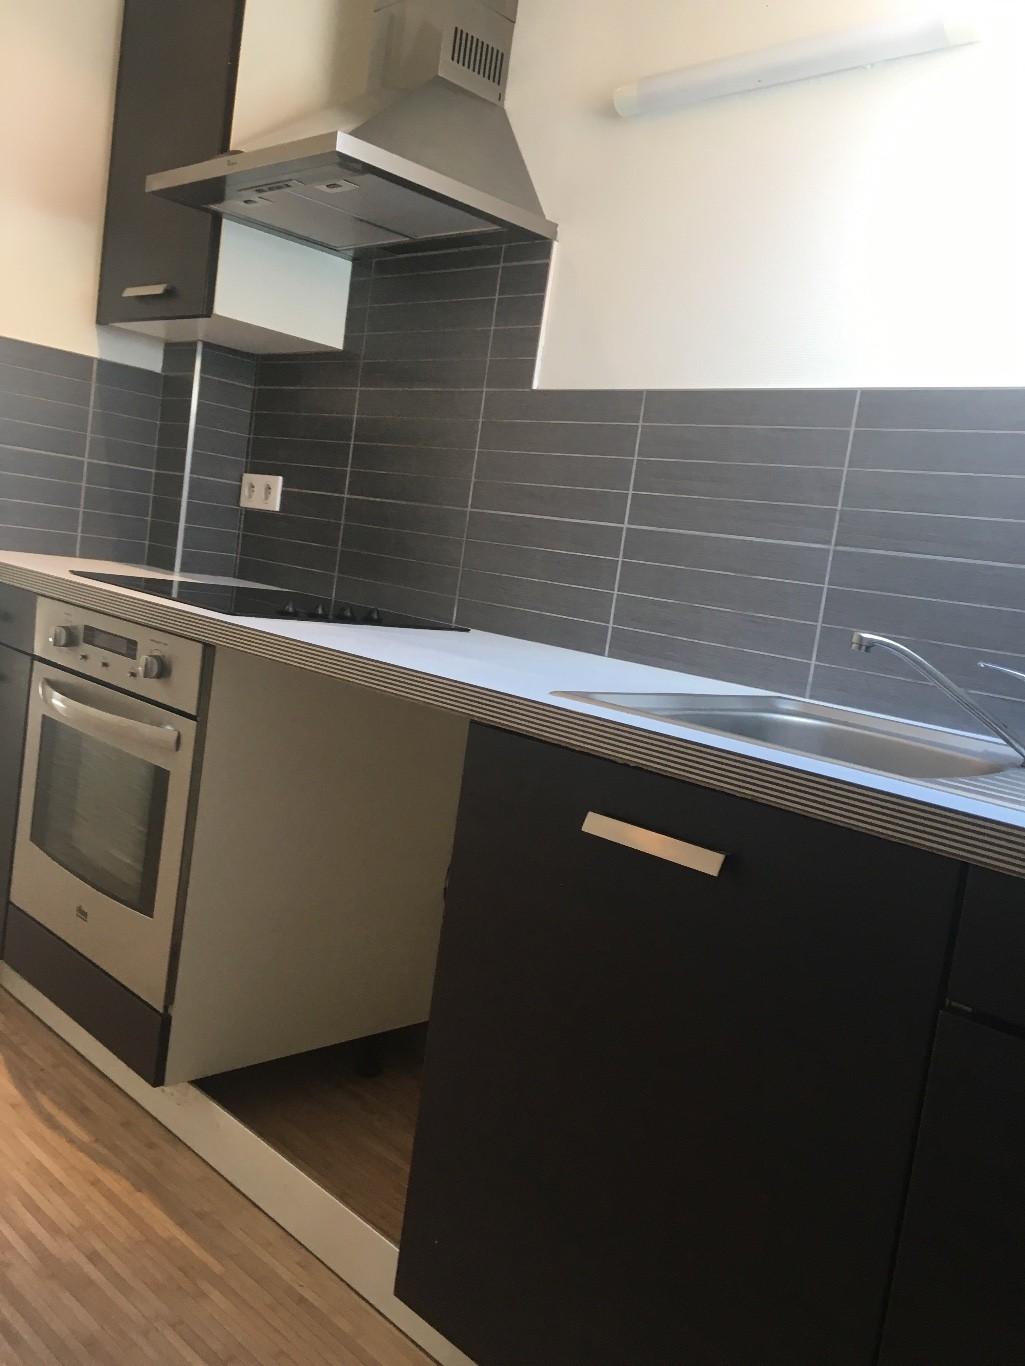 dijon republique location appartement 3 pi ces 45m2 630 cc r f 17 184 121858 cm. Black Bedroom Furniture Sets. Home Design Ideas